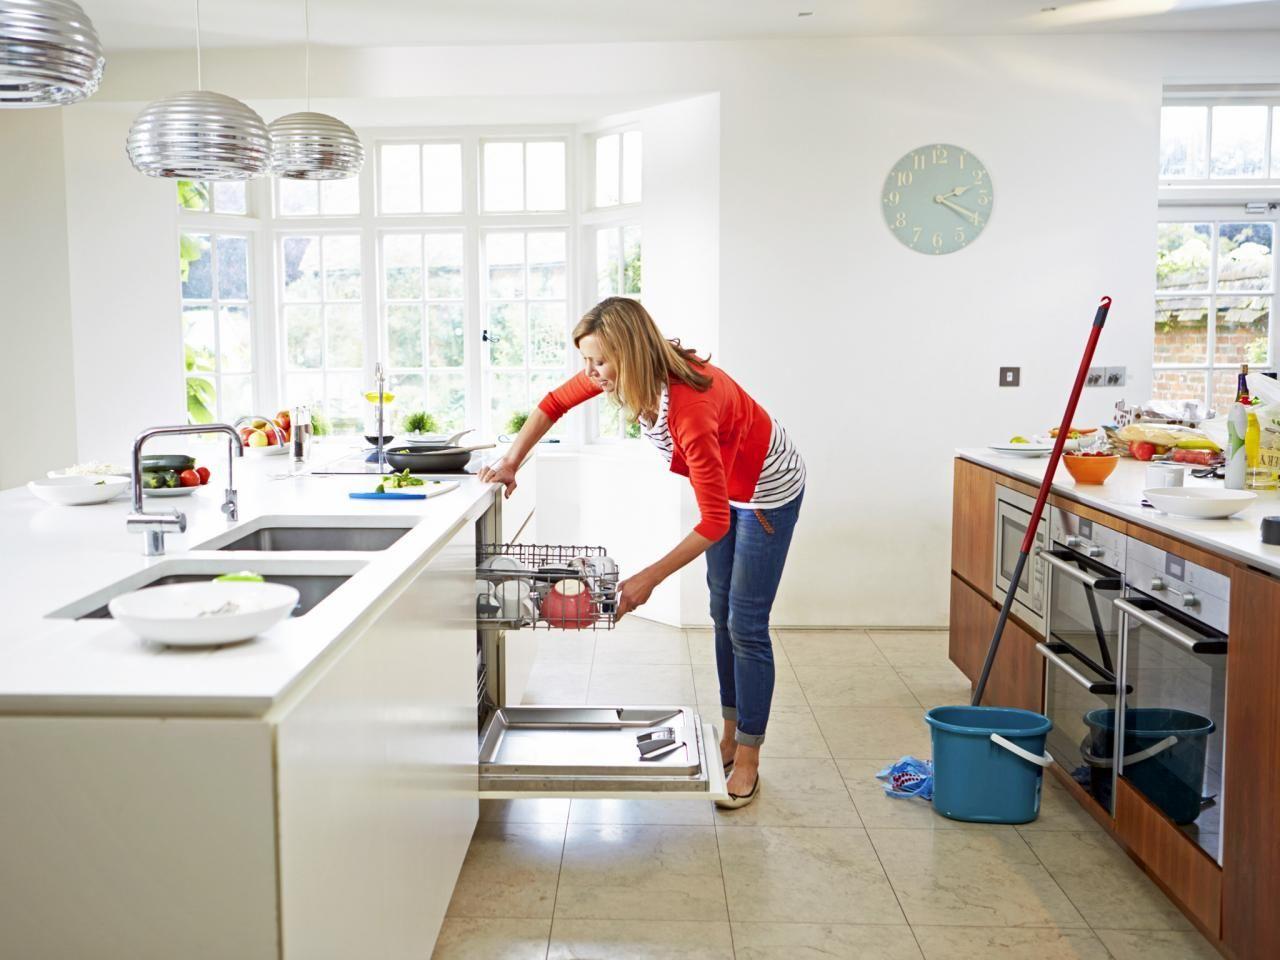 Maneras Incorrectas De Limpiar La Cocina Cosas Para El Hogar  ~ Trucos Para Limpiar Azulejos De Cocina